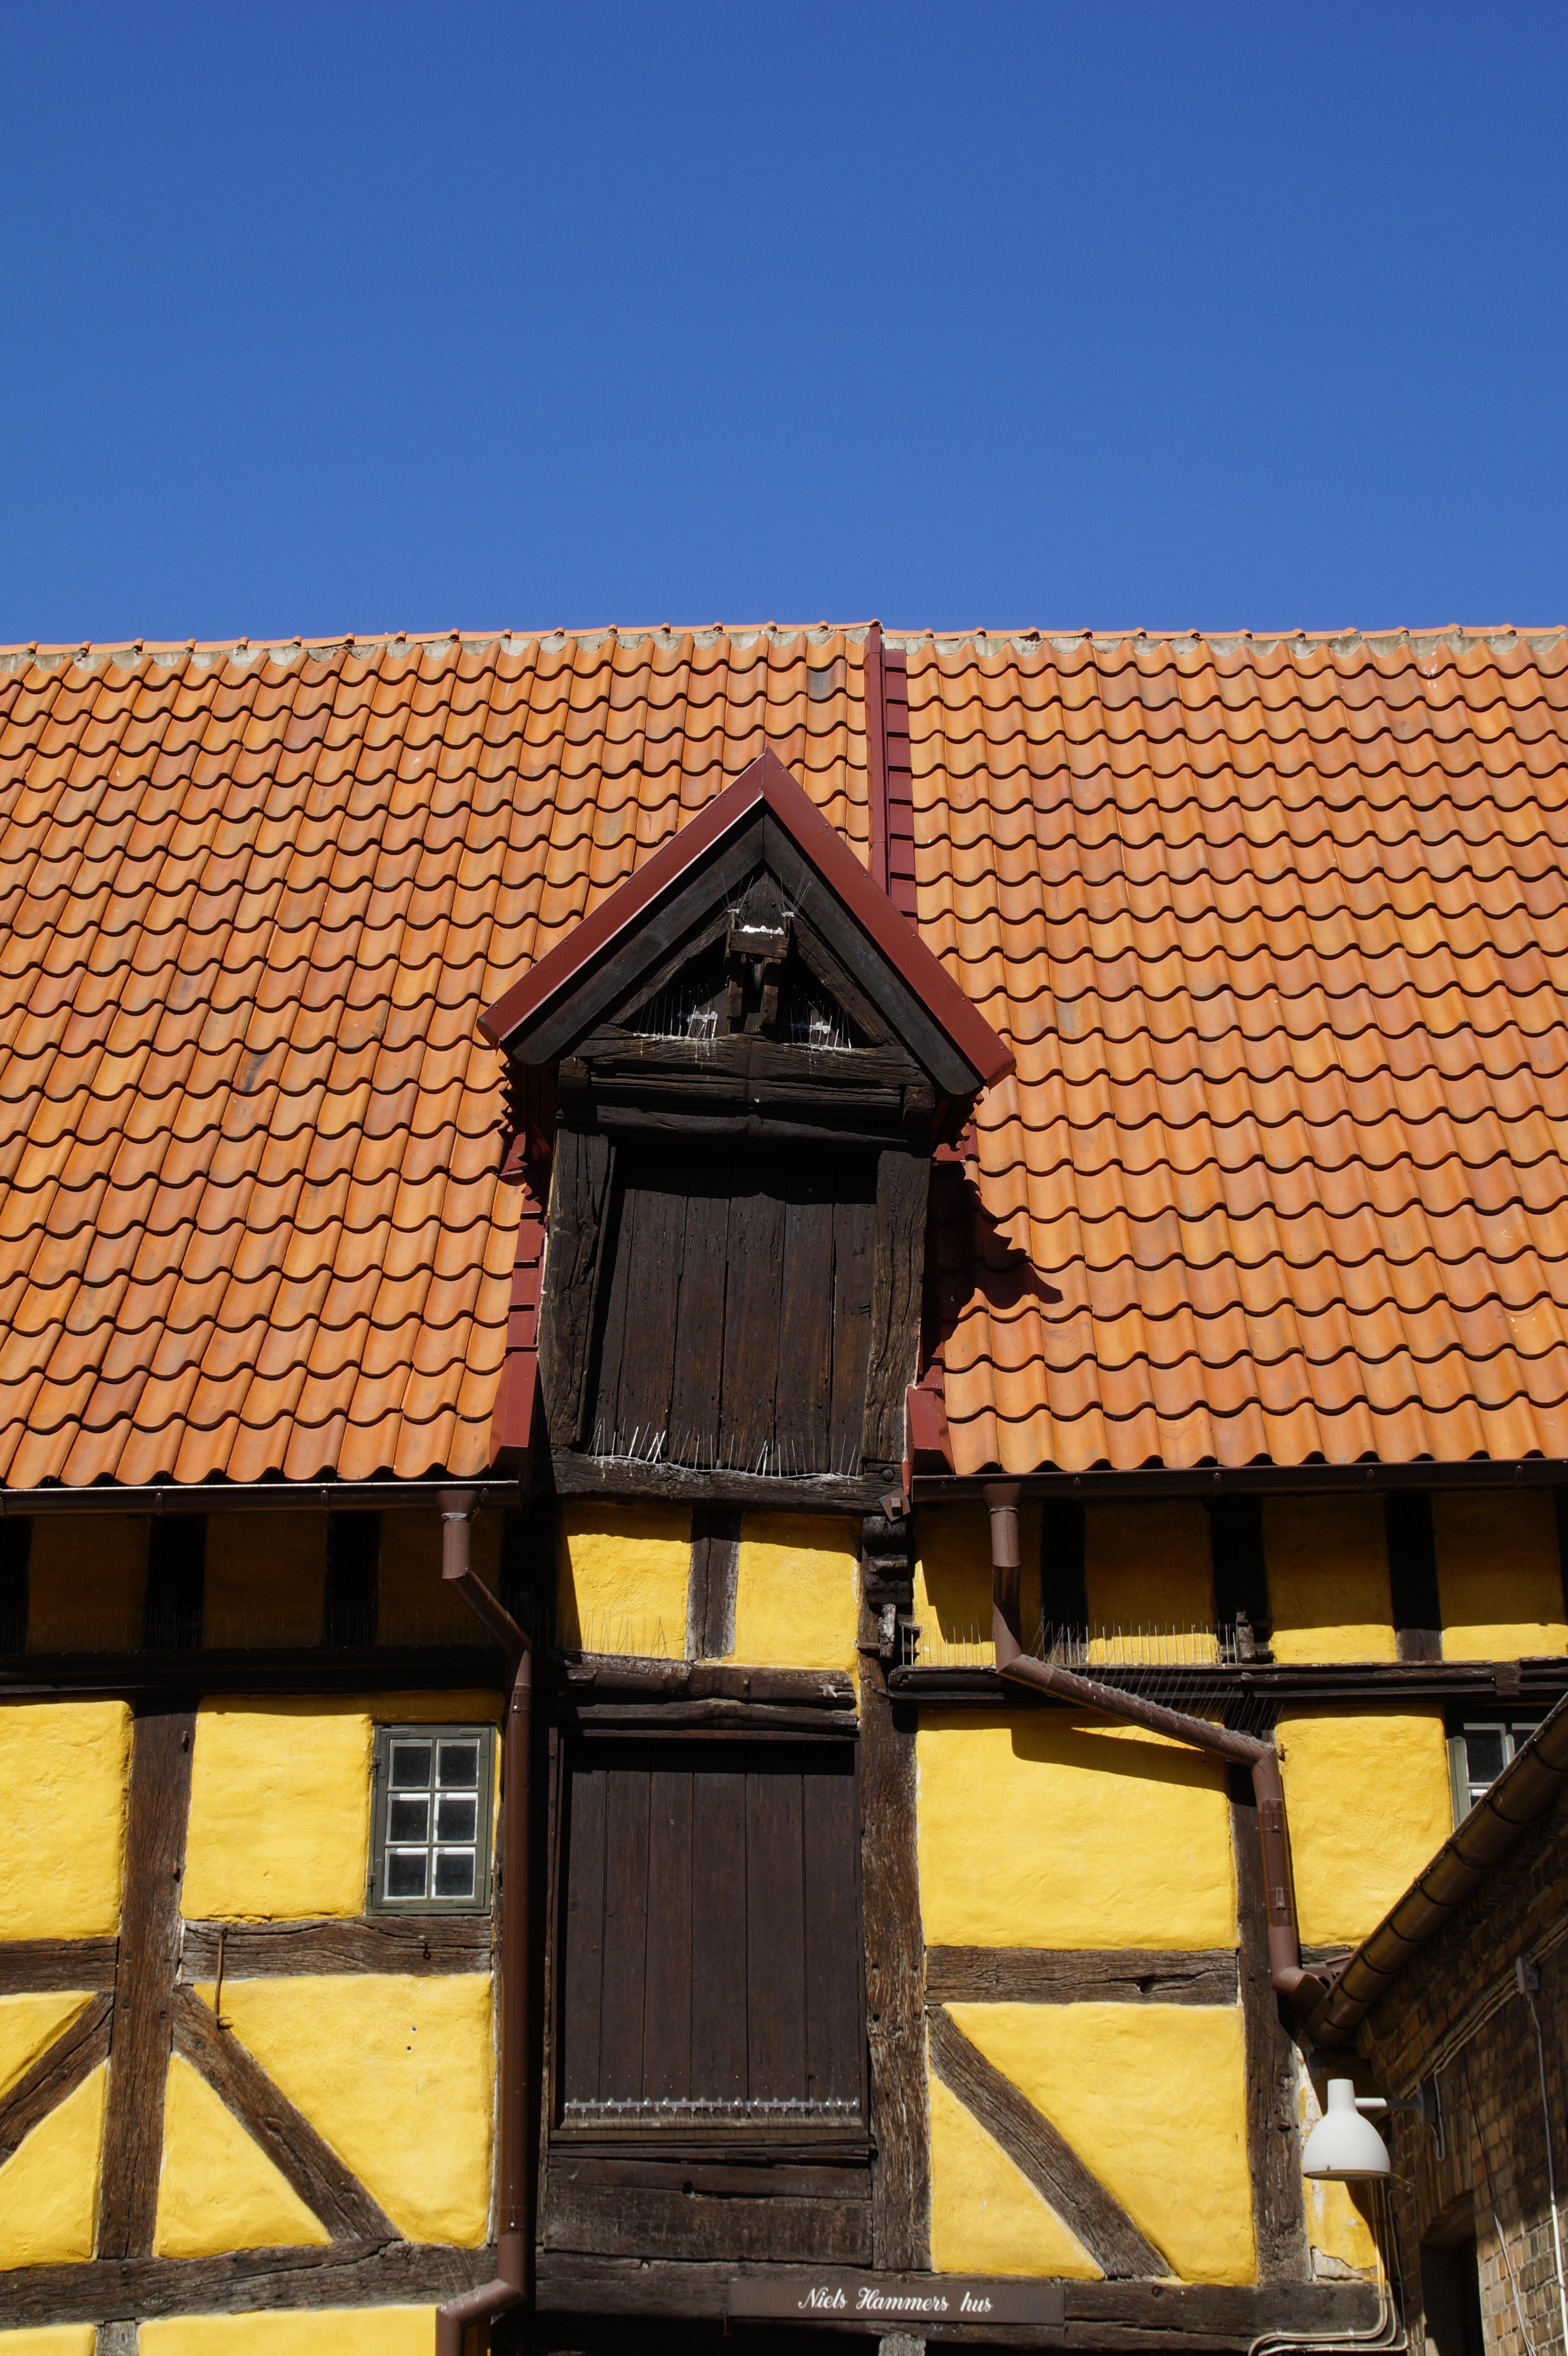 kostenlose foto die architektur holz dach alt zuhause mauer fassade altes geb ude. Black Bedroom Furniture Sets. Home Design Ideas